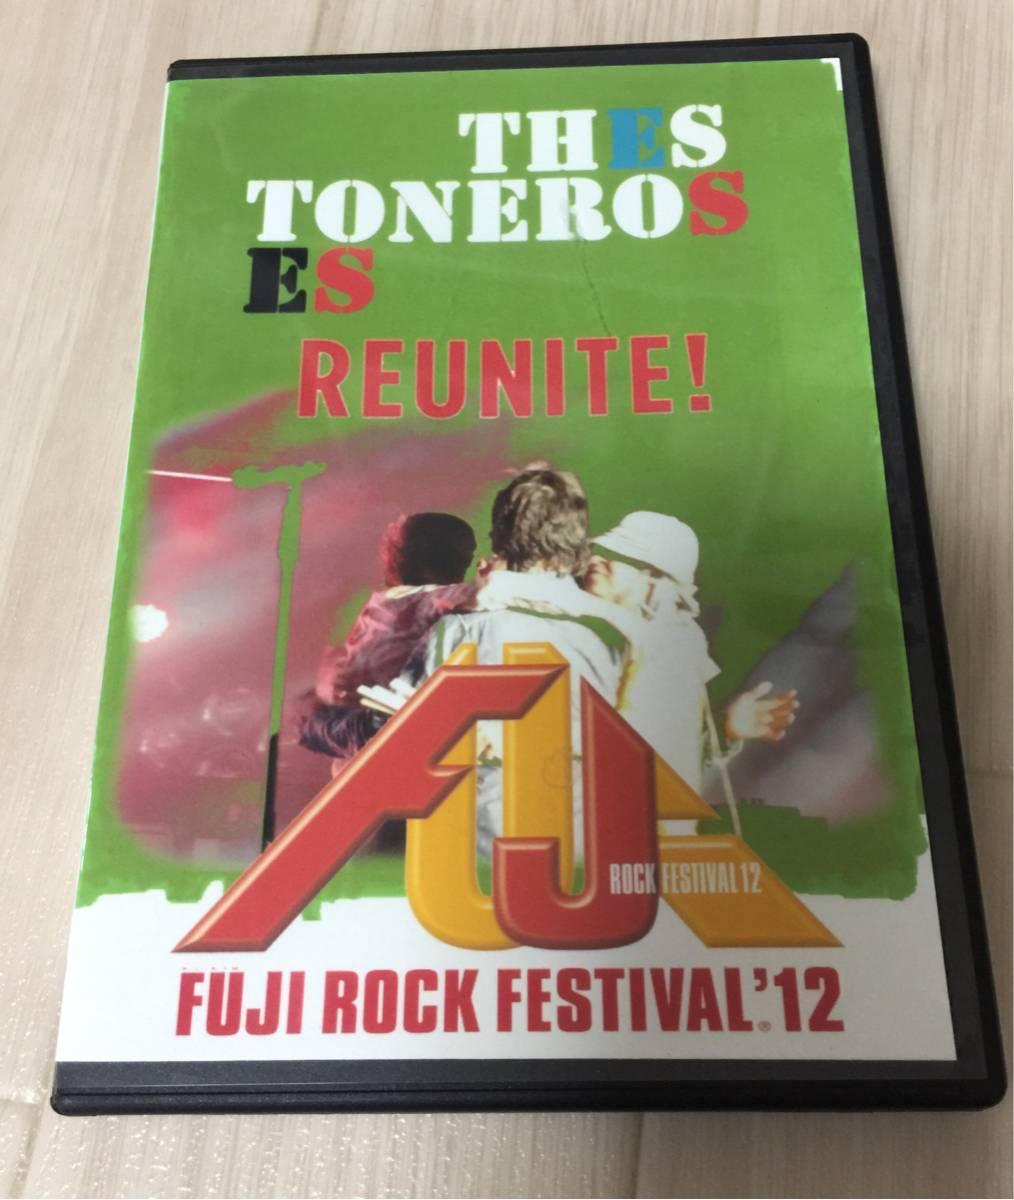 stone roses フジロック DVD ストーンローゼズ ストーンローゼス fujirock マンチェスター マッドチェスター ライブDVD ライブグッズの画像